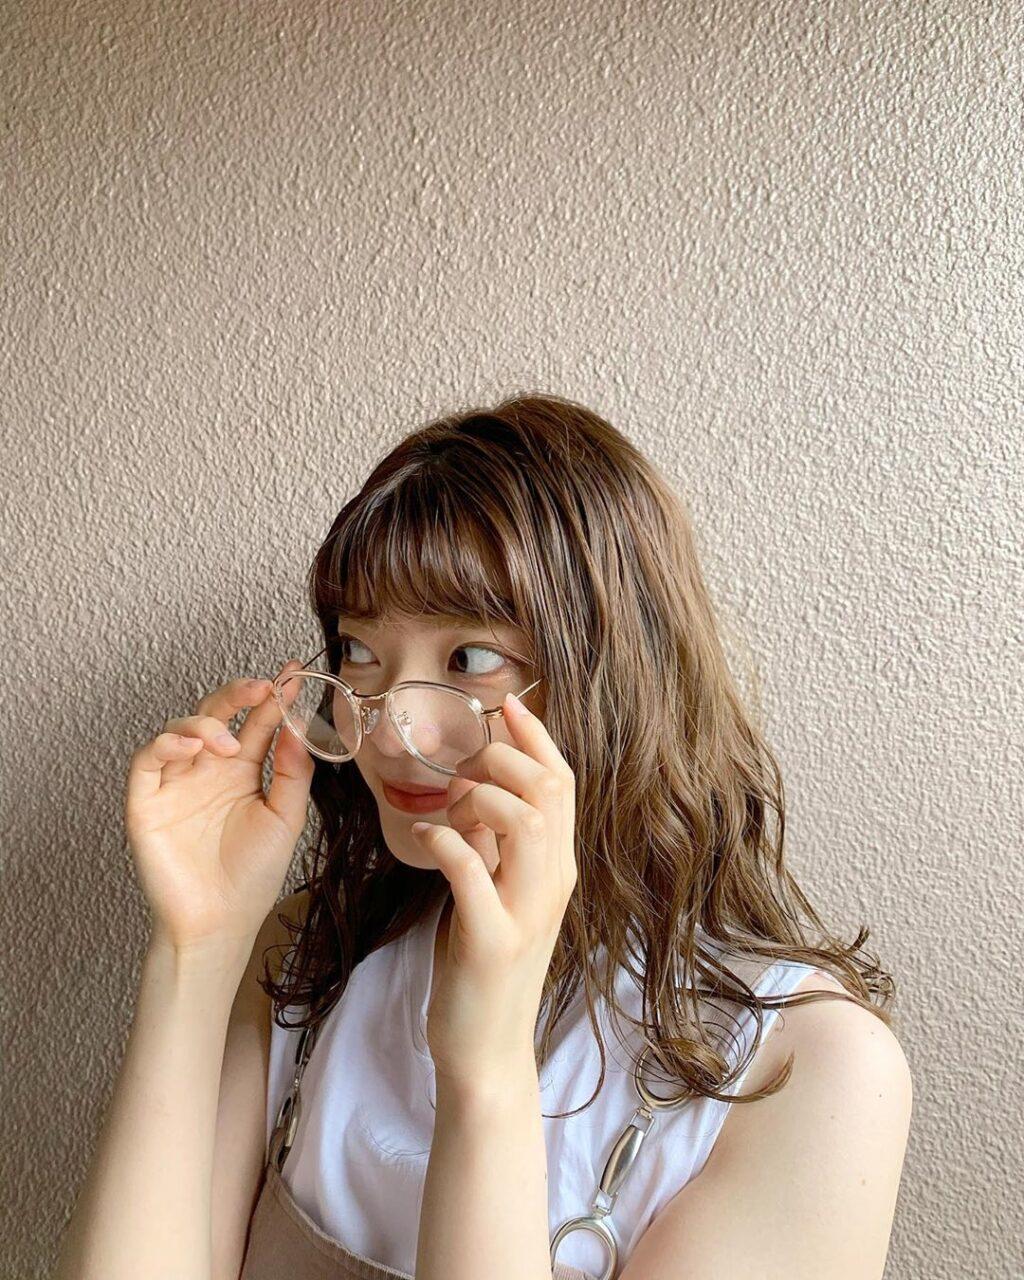 マスクと一緒に使うなら透明感を重視。今年の夏は「クリアメガネ」でお洒落度UP